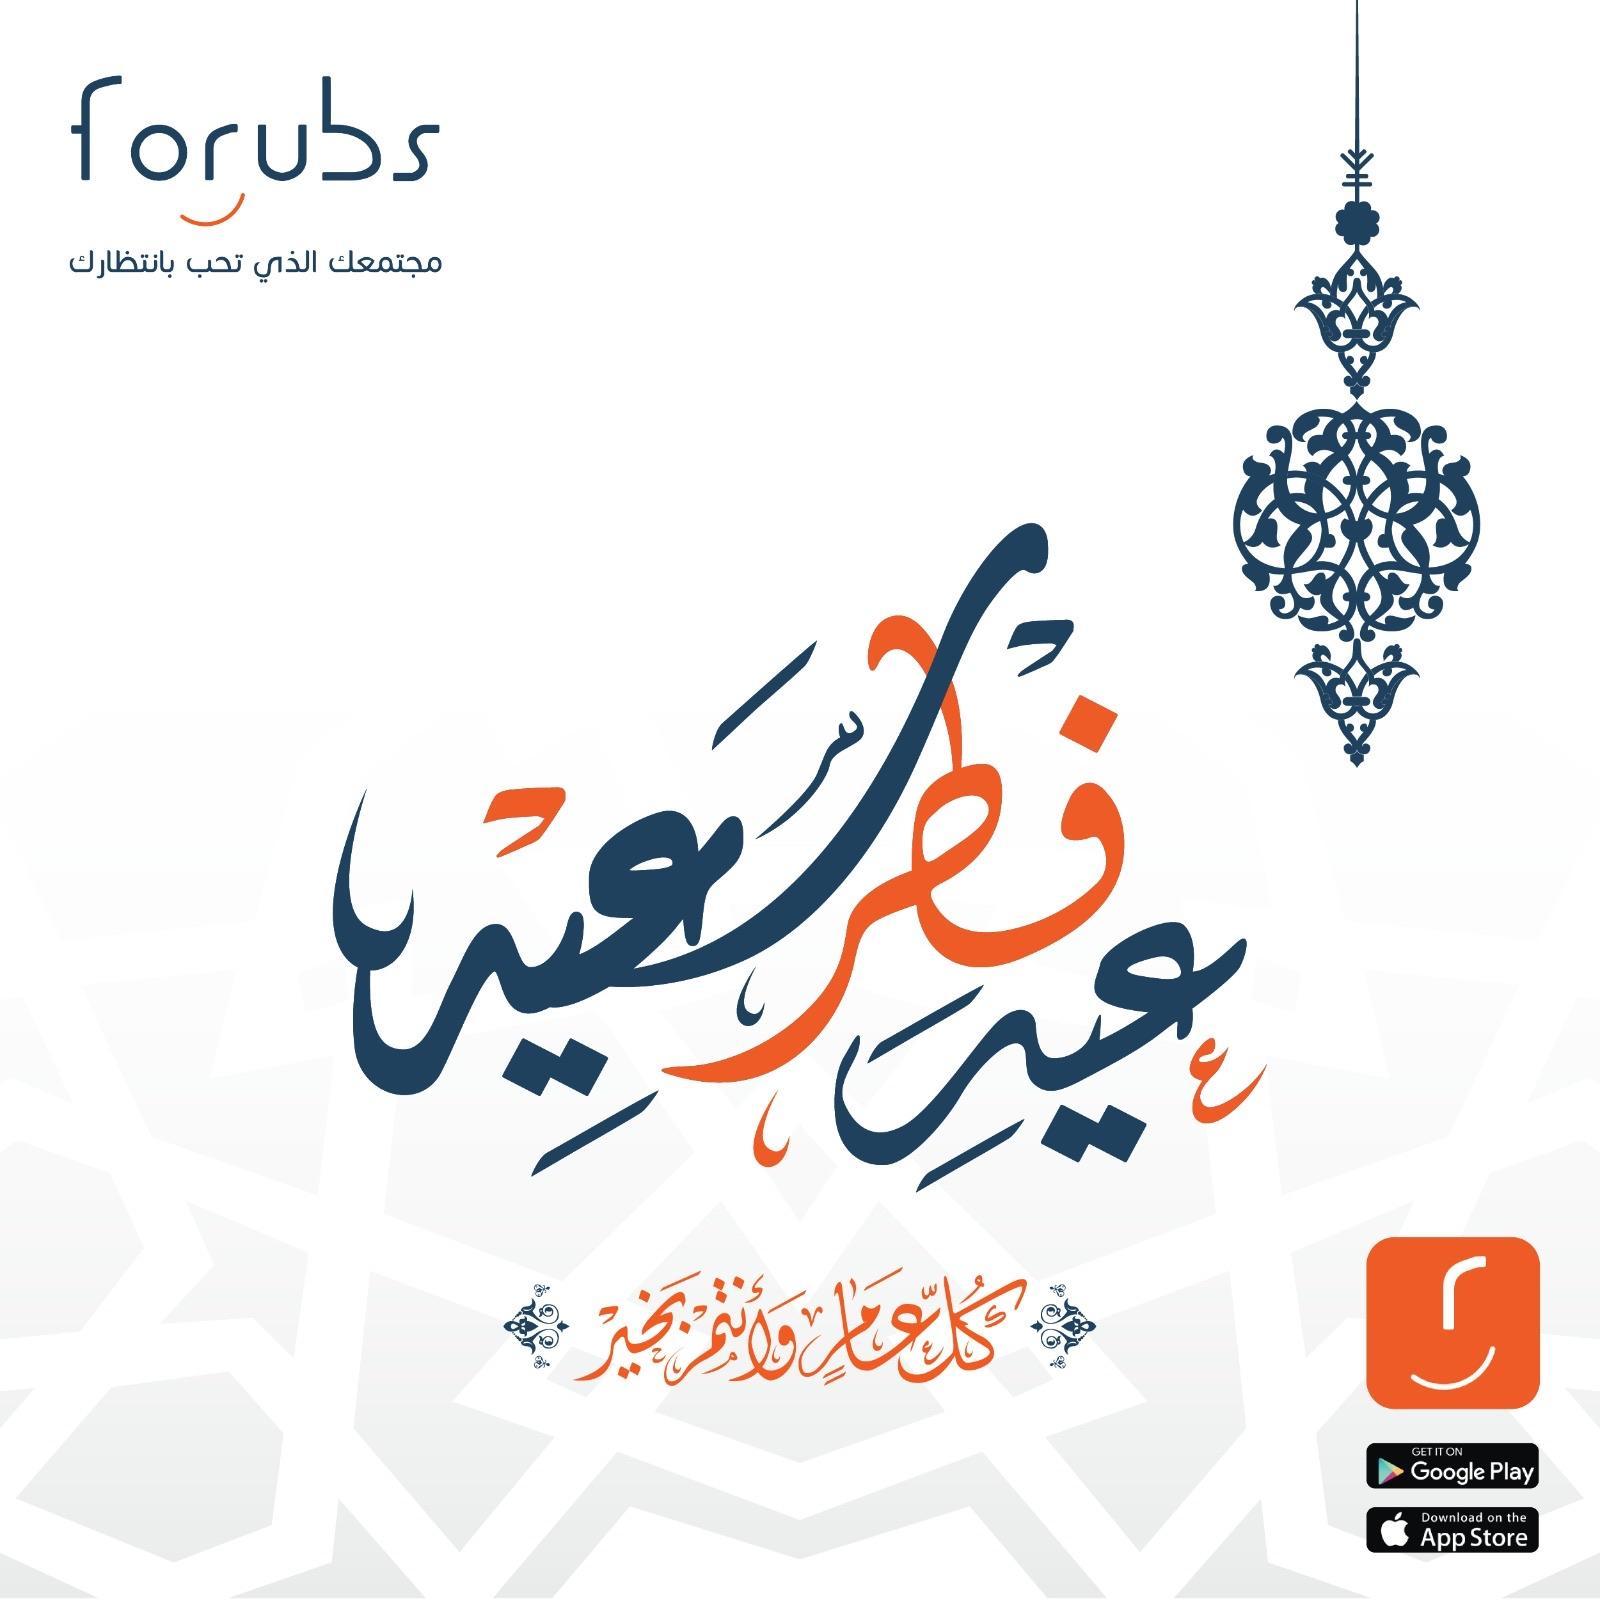 عيدكم مبارك 💐